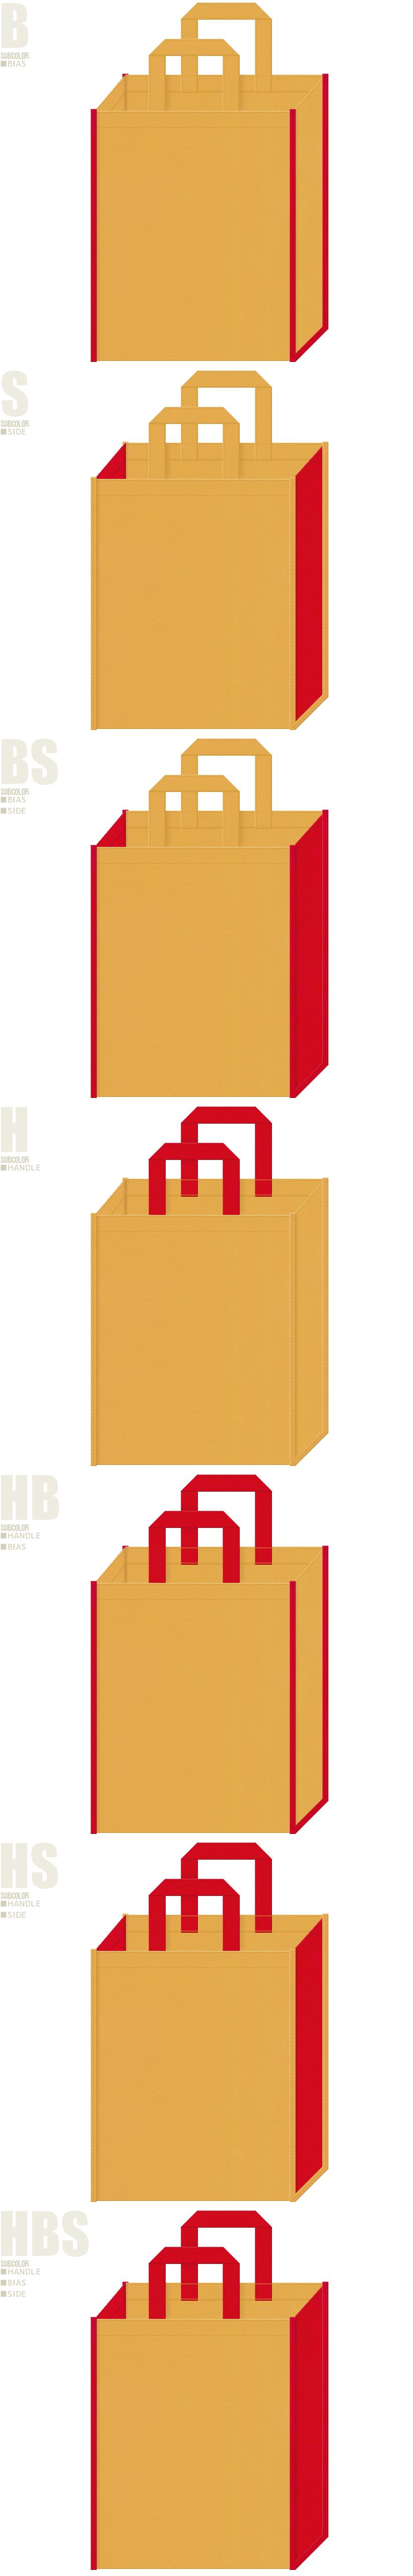 黄土色と紅色、7パターンの不織布トートバッグ配色デザイン例。